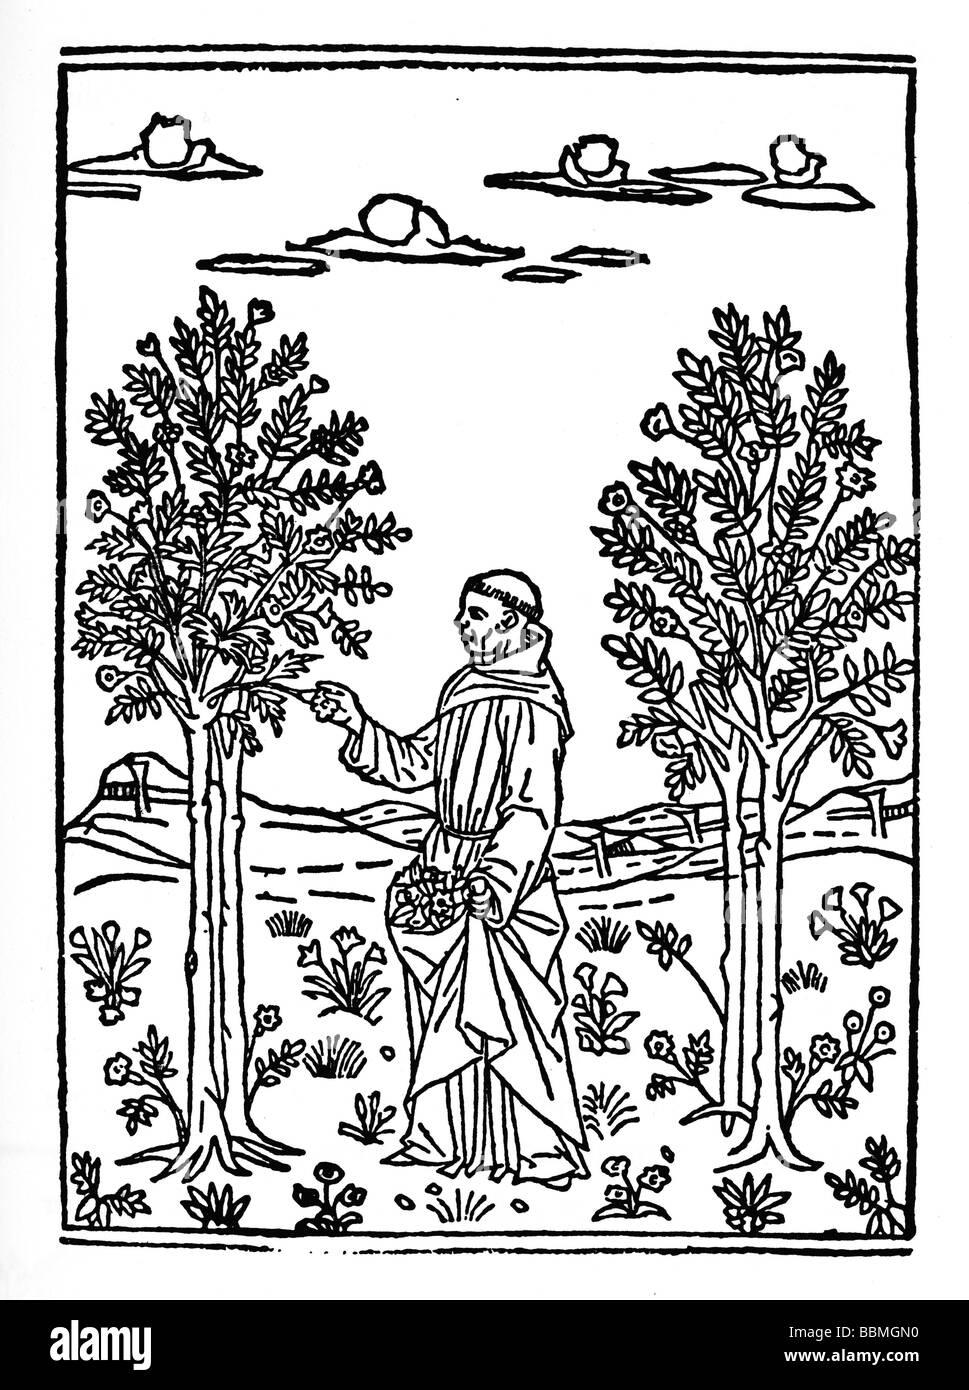 Mönch erntet Früchte, Holzschnitzereien aus dem Mittelalter Stockfoto